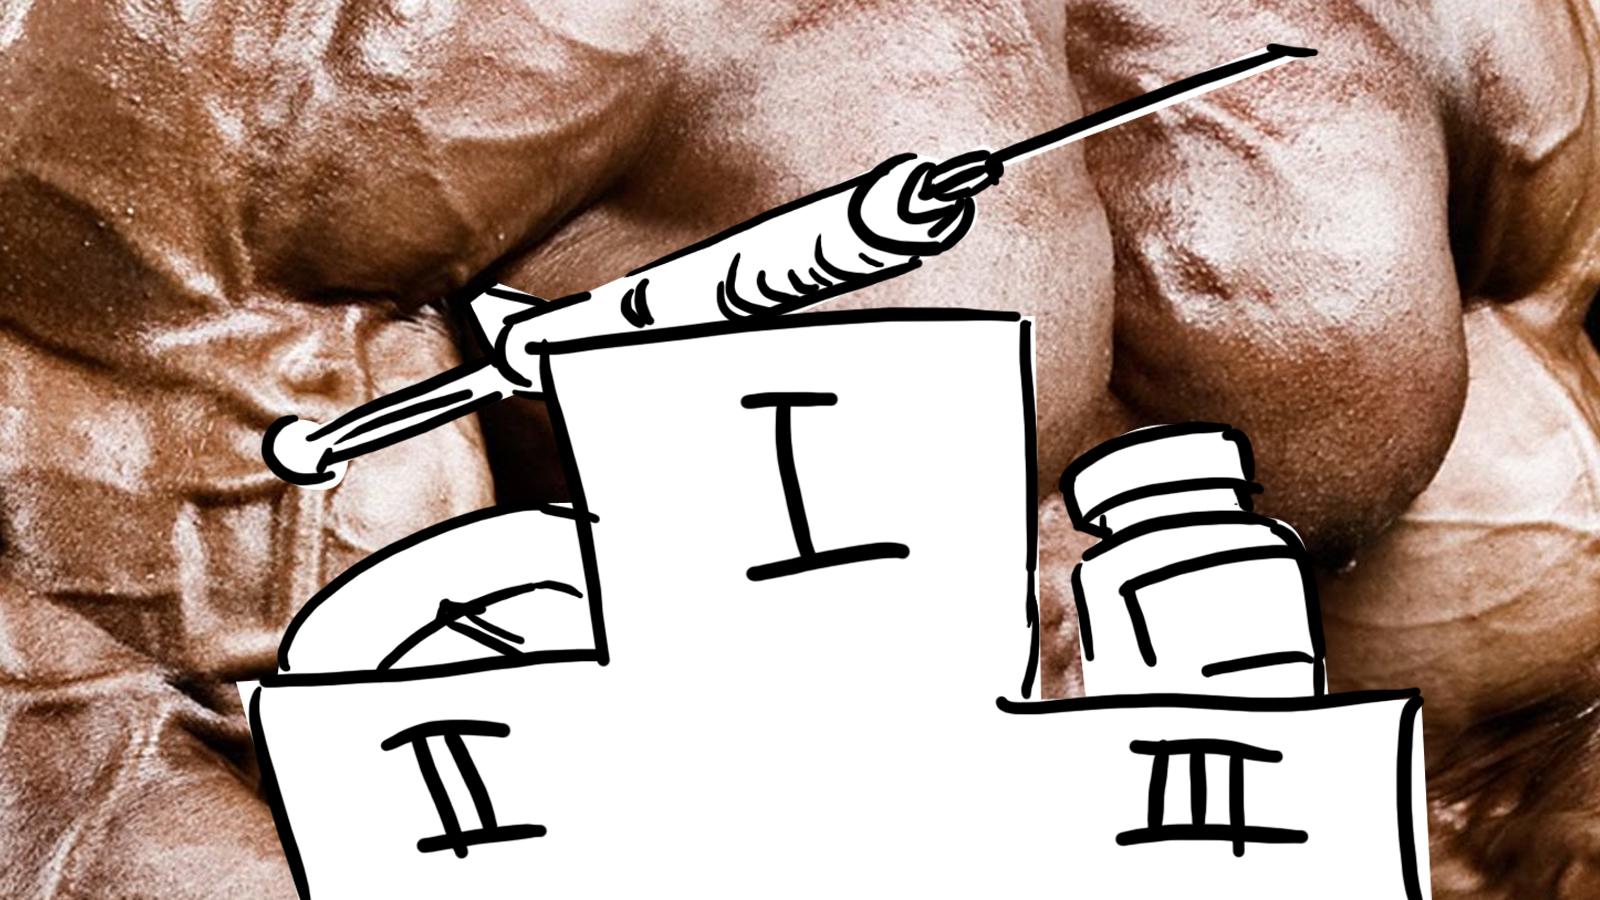 Анаболики, стероиды в большом спорте, а также в массовой физ.культуре туринабол киев купить